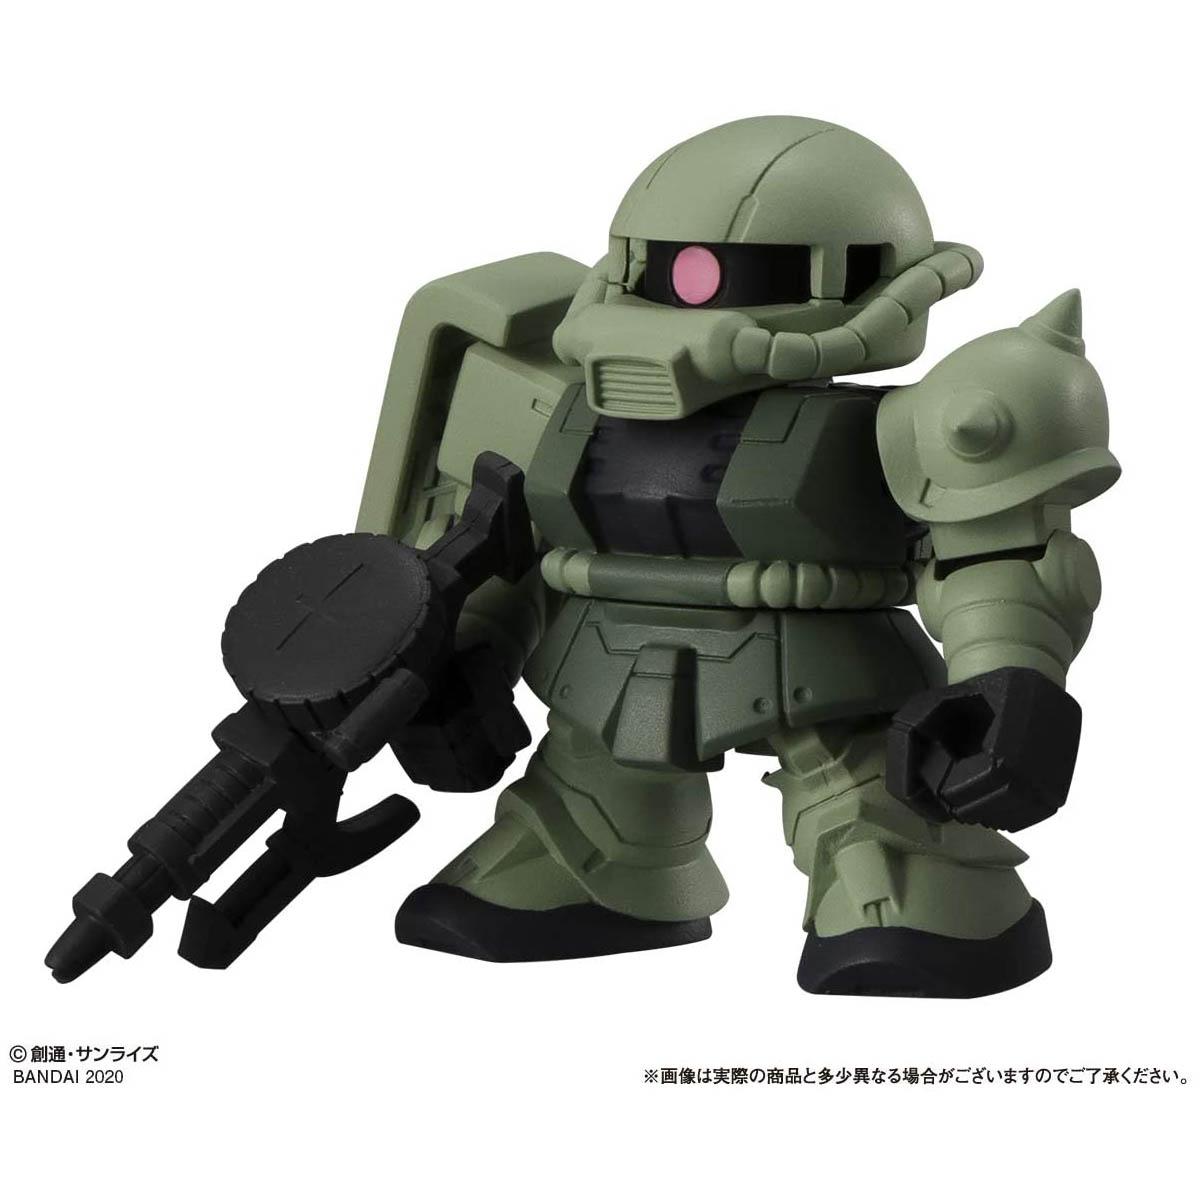 【ガシャポン】機動戦士ガンダム『ガシャポン戦士フォルテ11』12個入りBOX-005